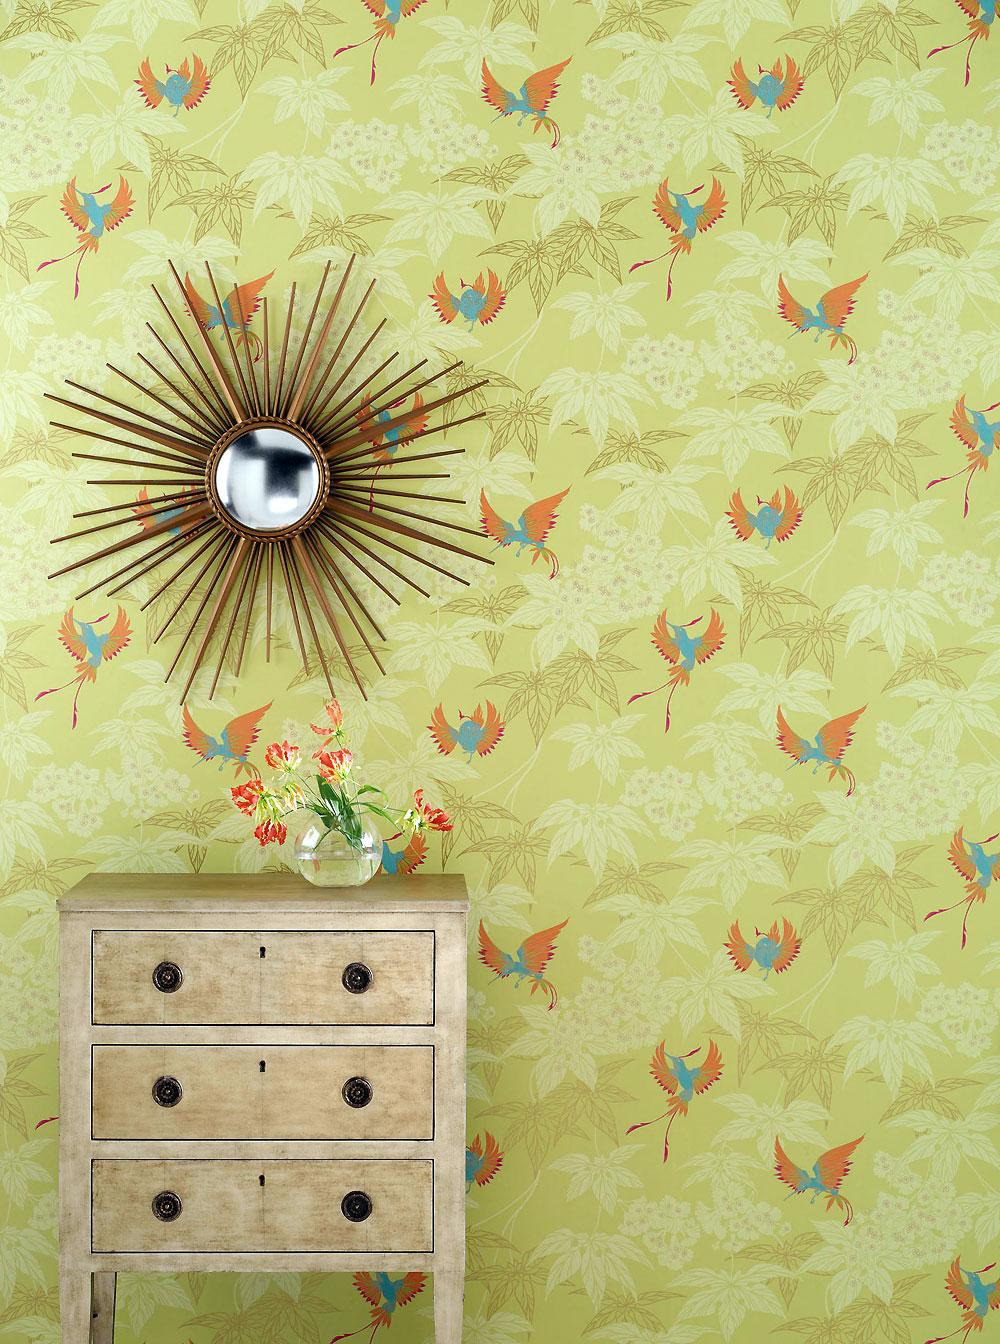 Osborne and little tapeten grove garden tara wallcovering album 5 ...